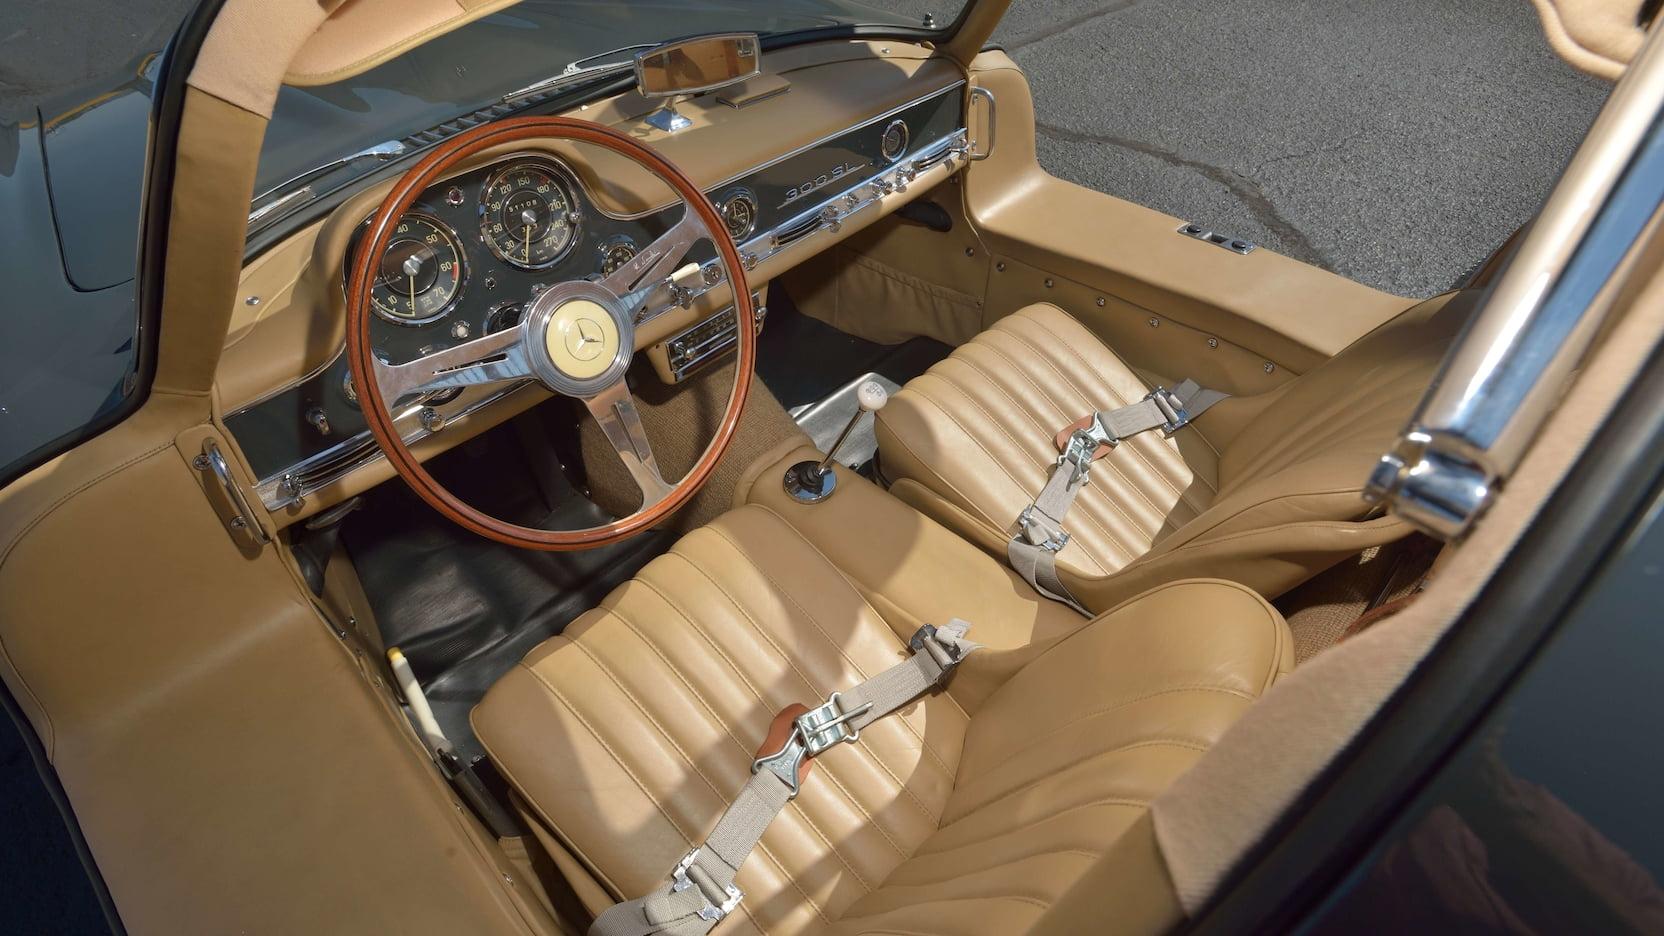 Mercedes-Benz 300SL Gullwing interior